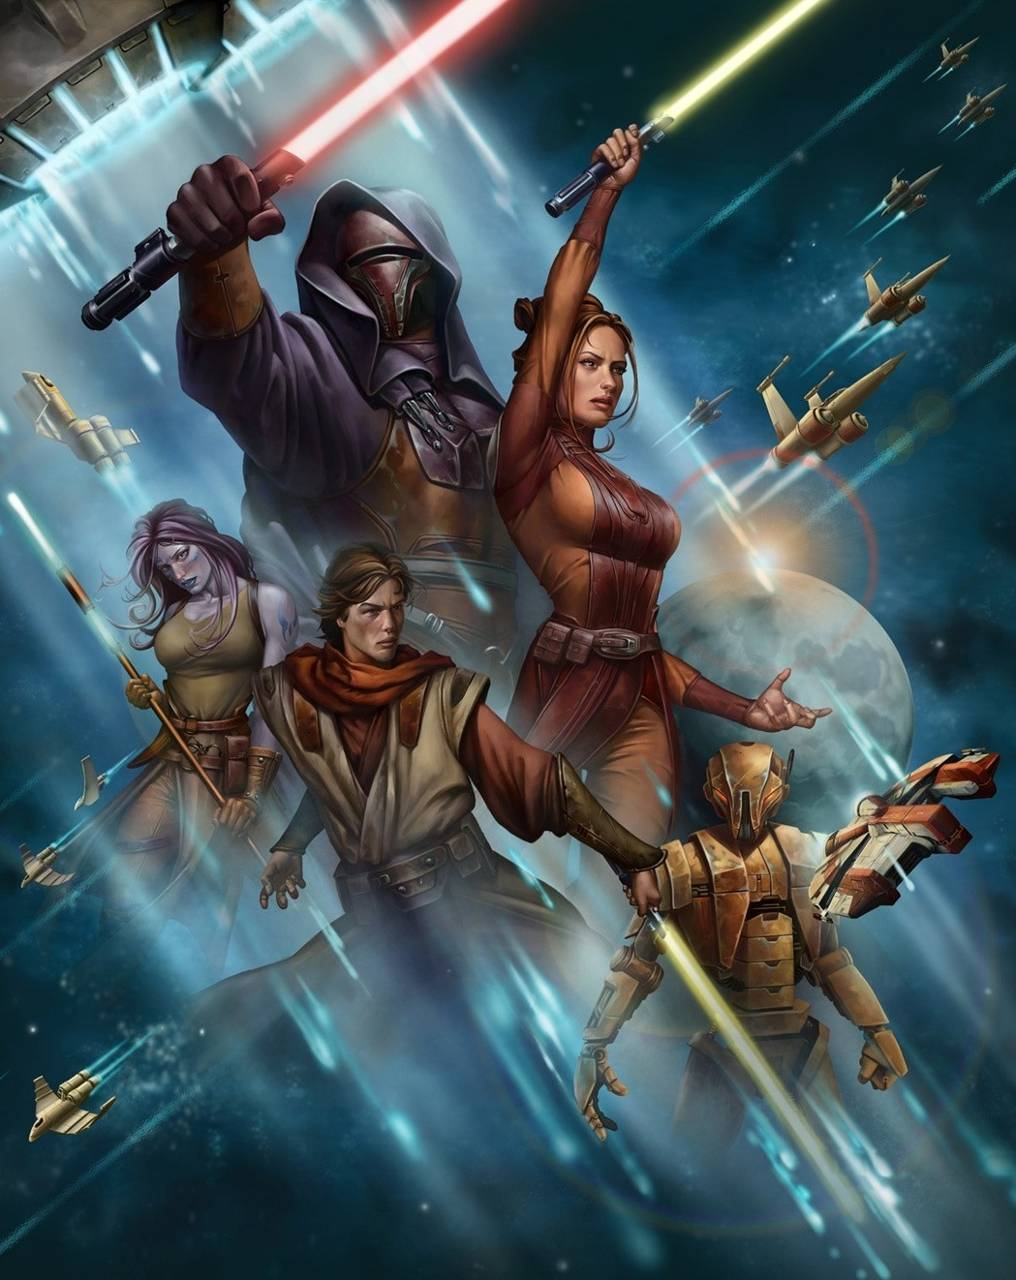 Star Wars Wallpaper By Kgillbruno17 0d Free On Zedge